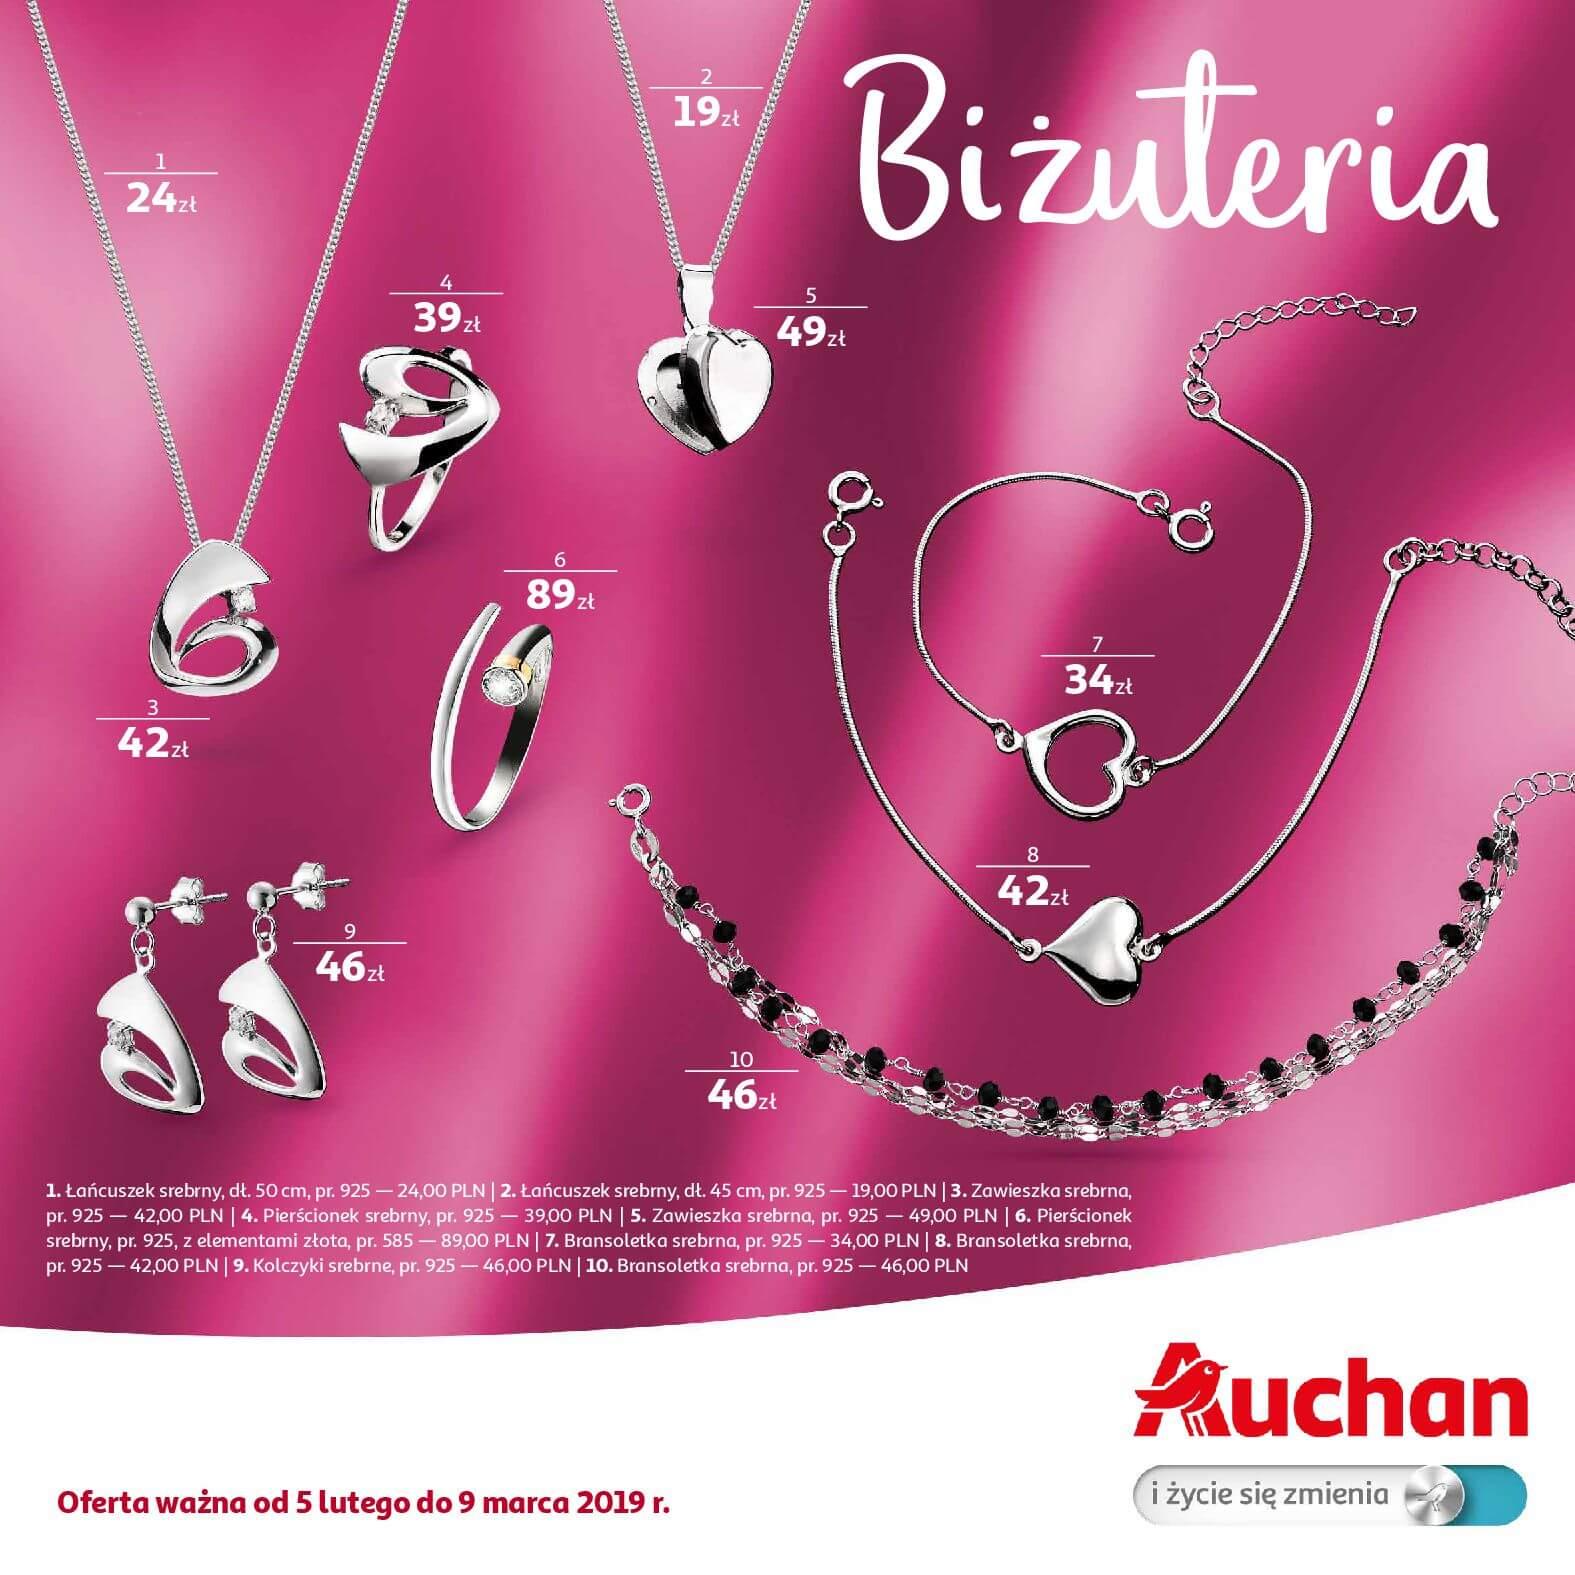 Gazetka Auchan - Biżuteria-04.02.2019-09.03.2019-page-